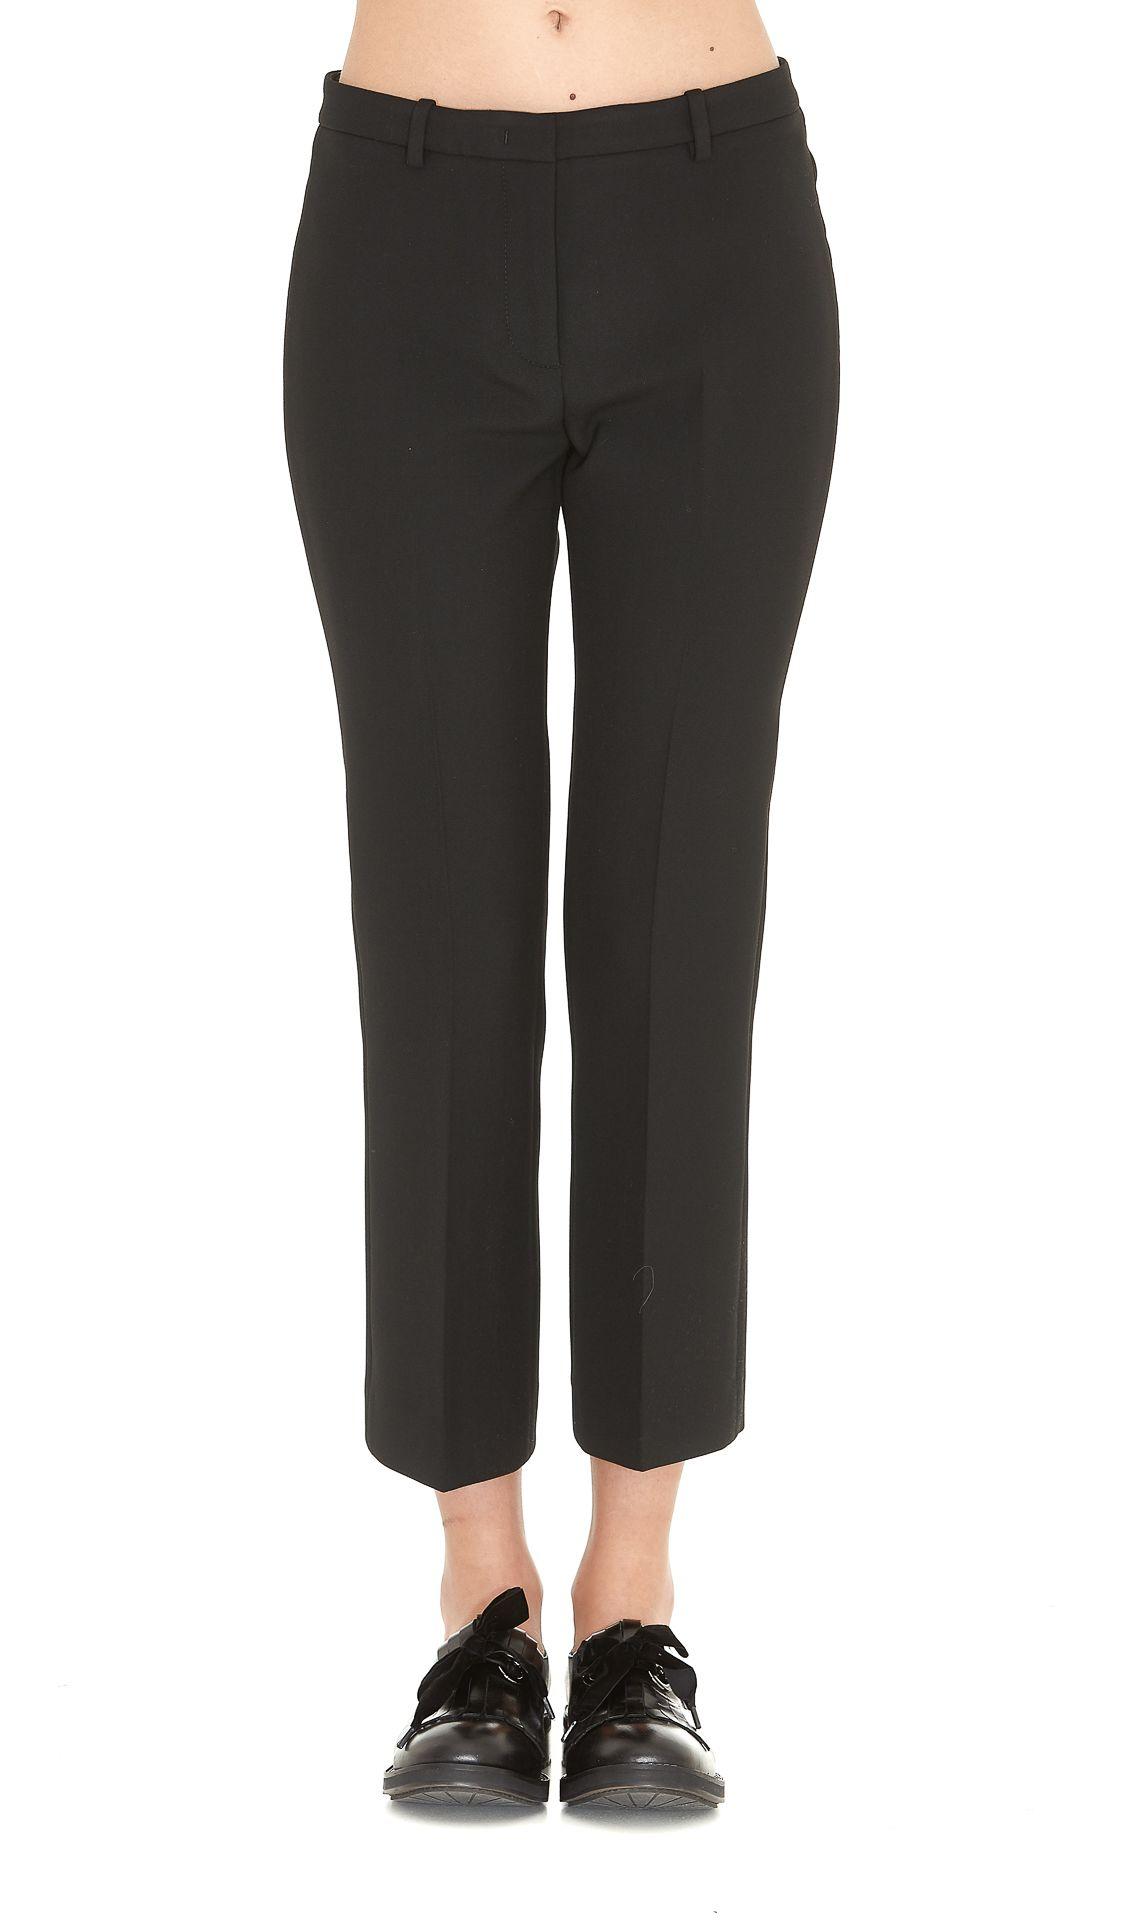 Argonne Trousers